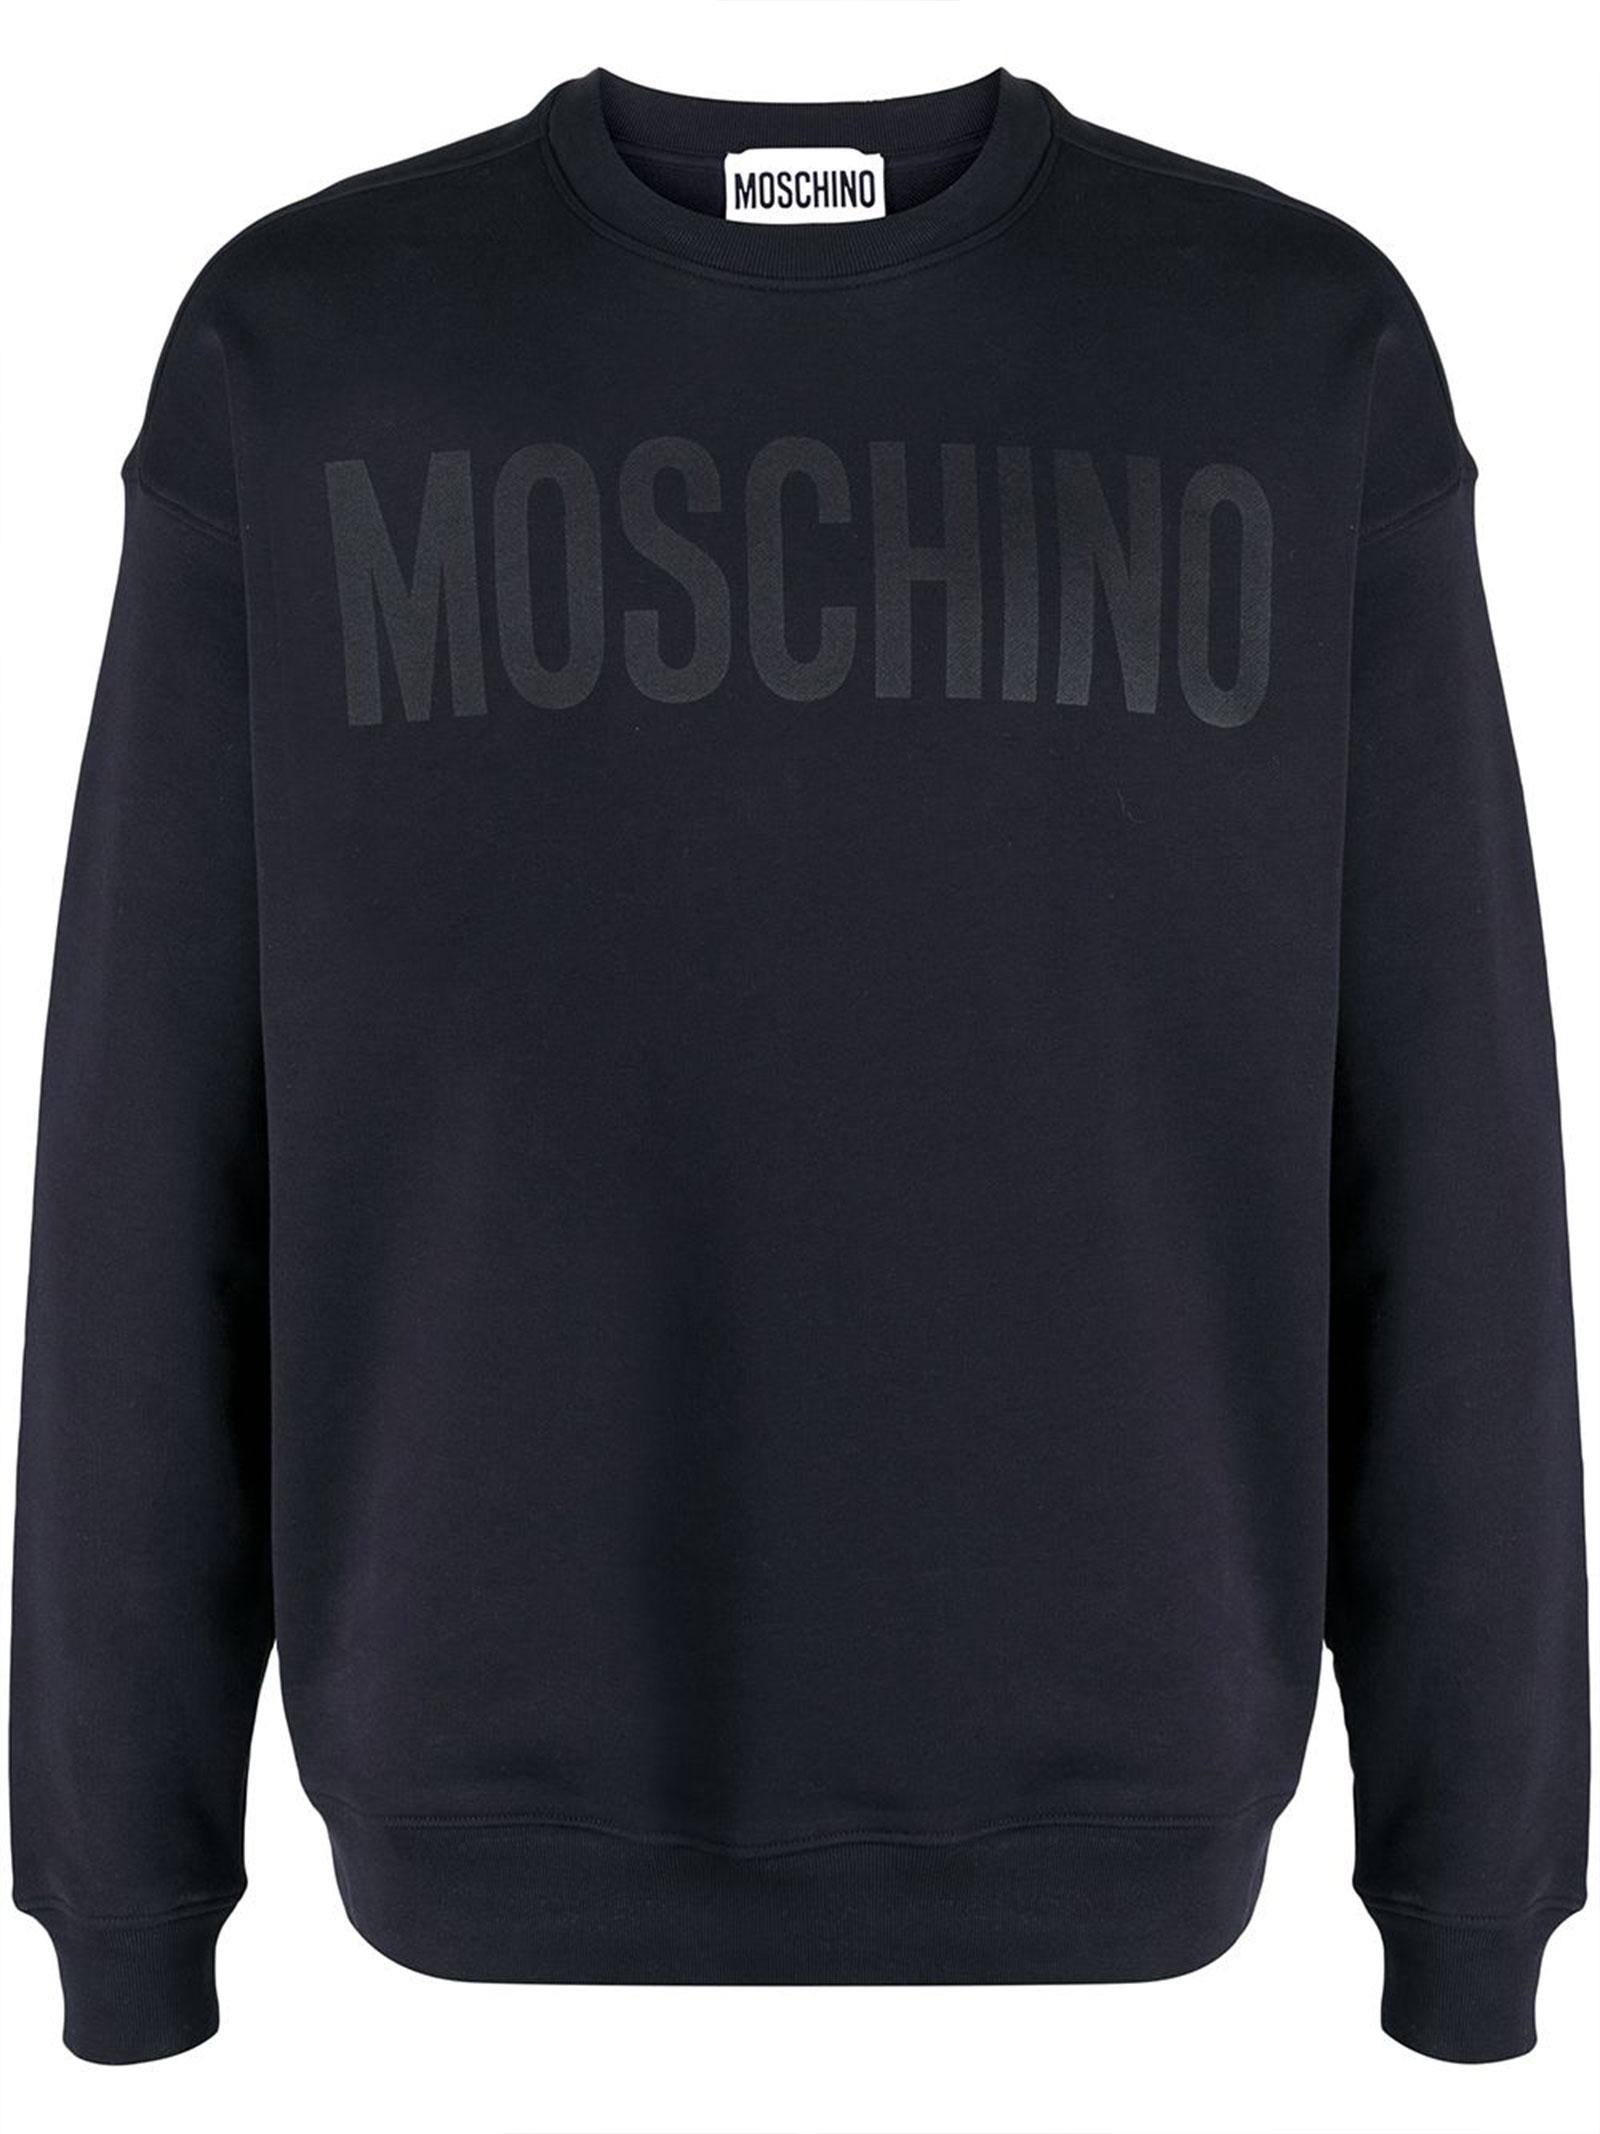 Felpa con stampa Moschino Couture | Felpa | 17181510